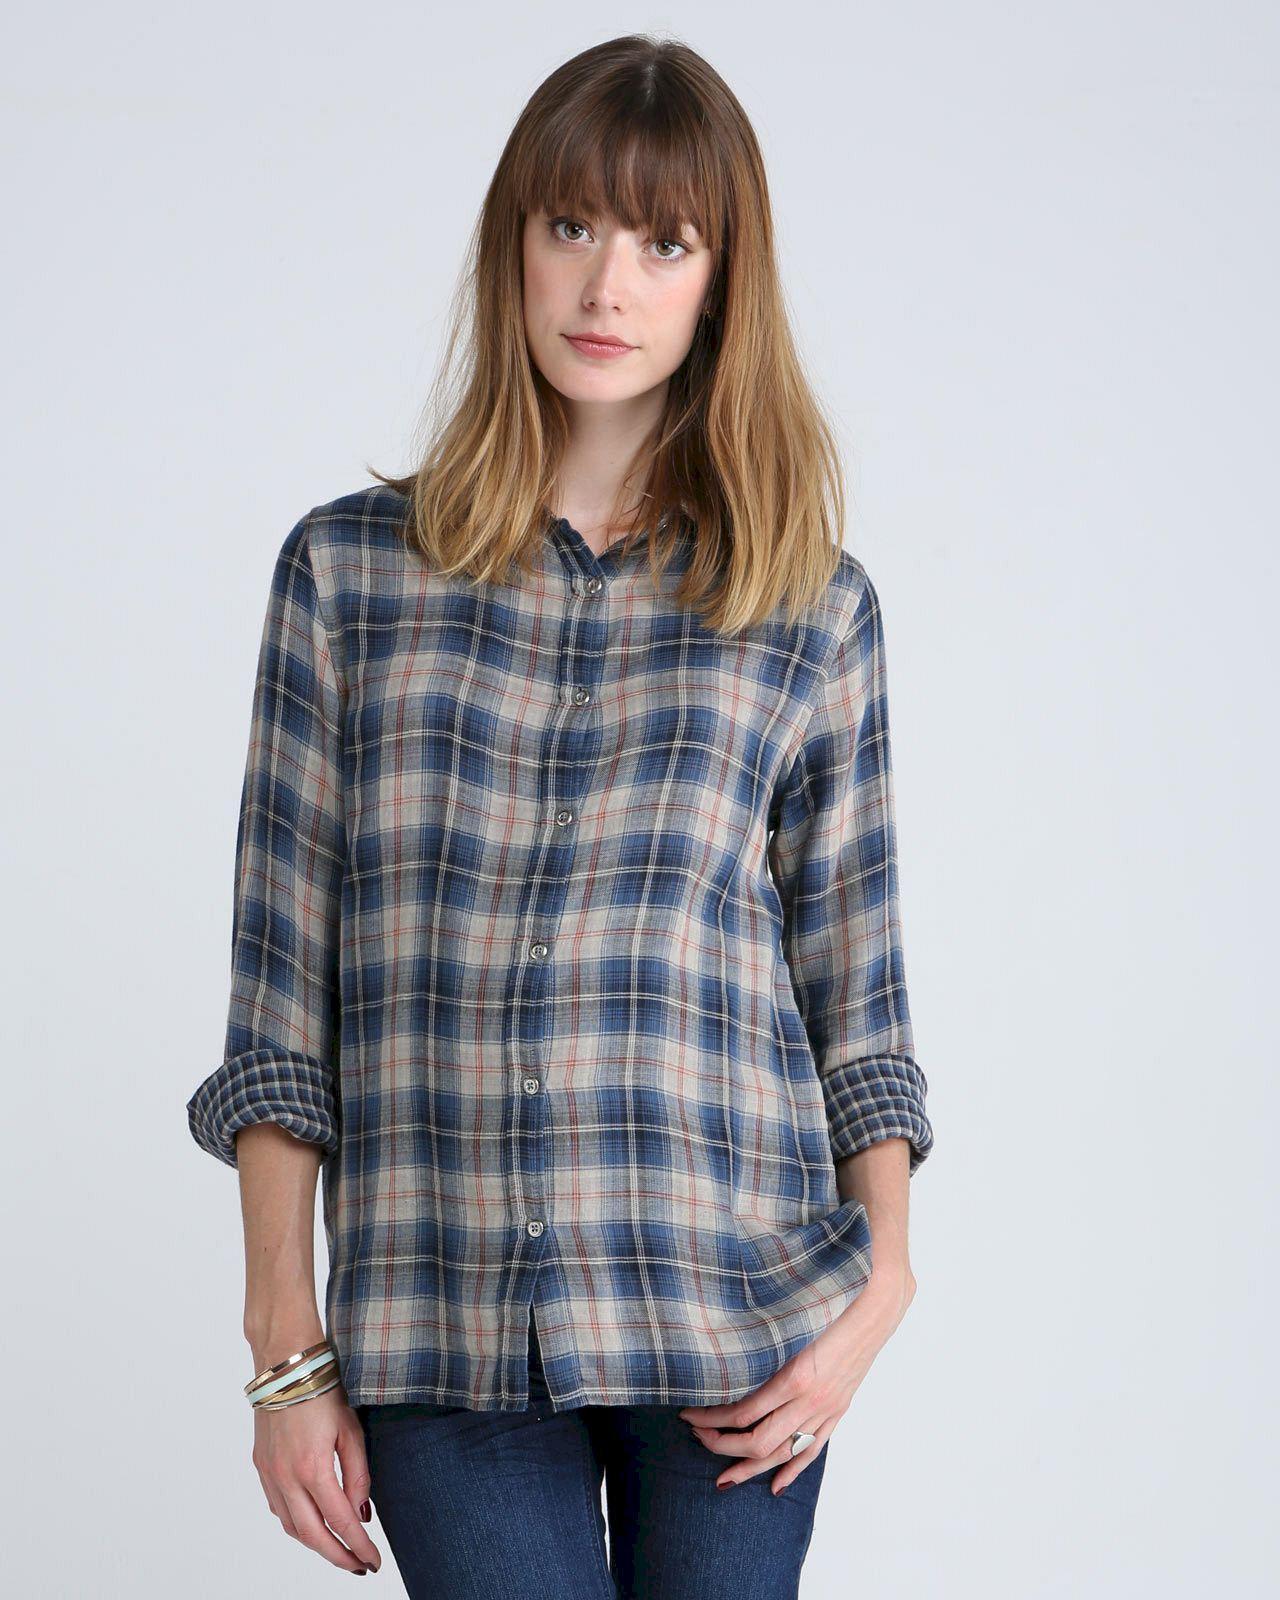 image21-14   Офисный стиль: как носить рубашку и не выглядеть скучной